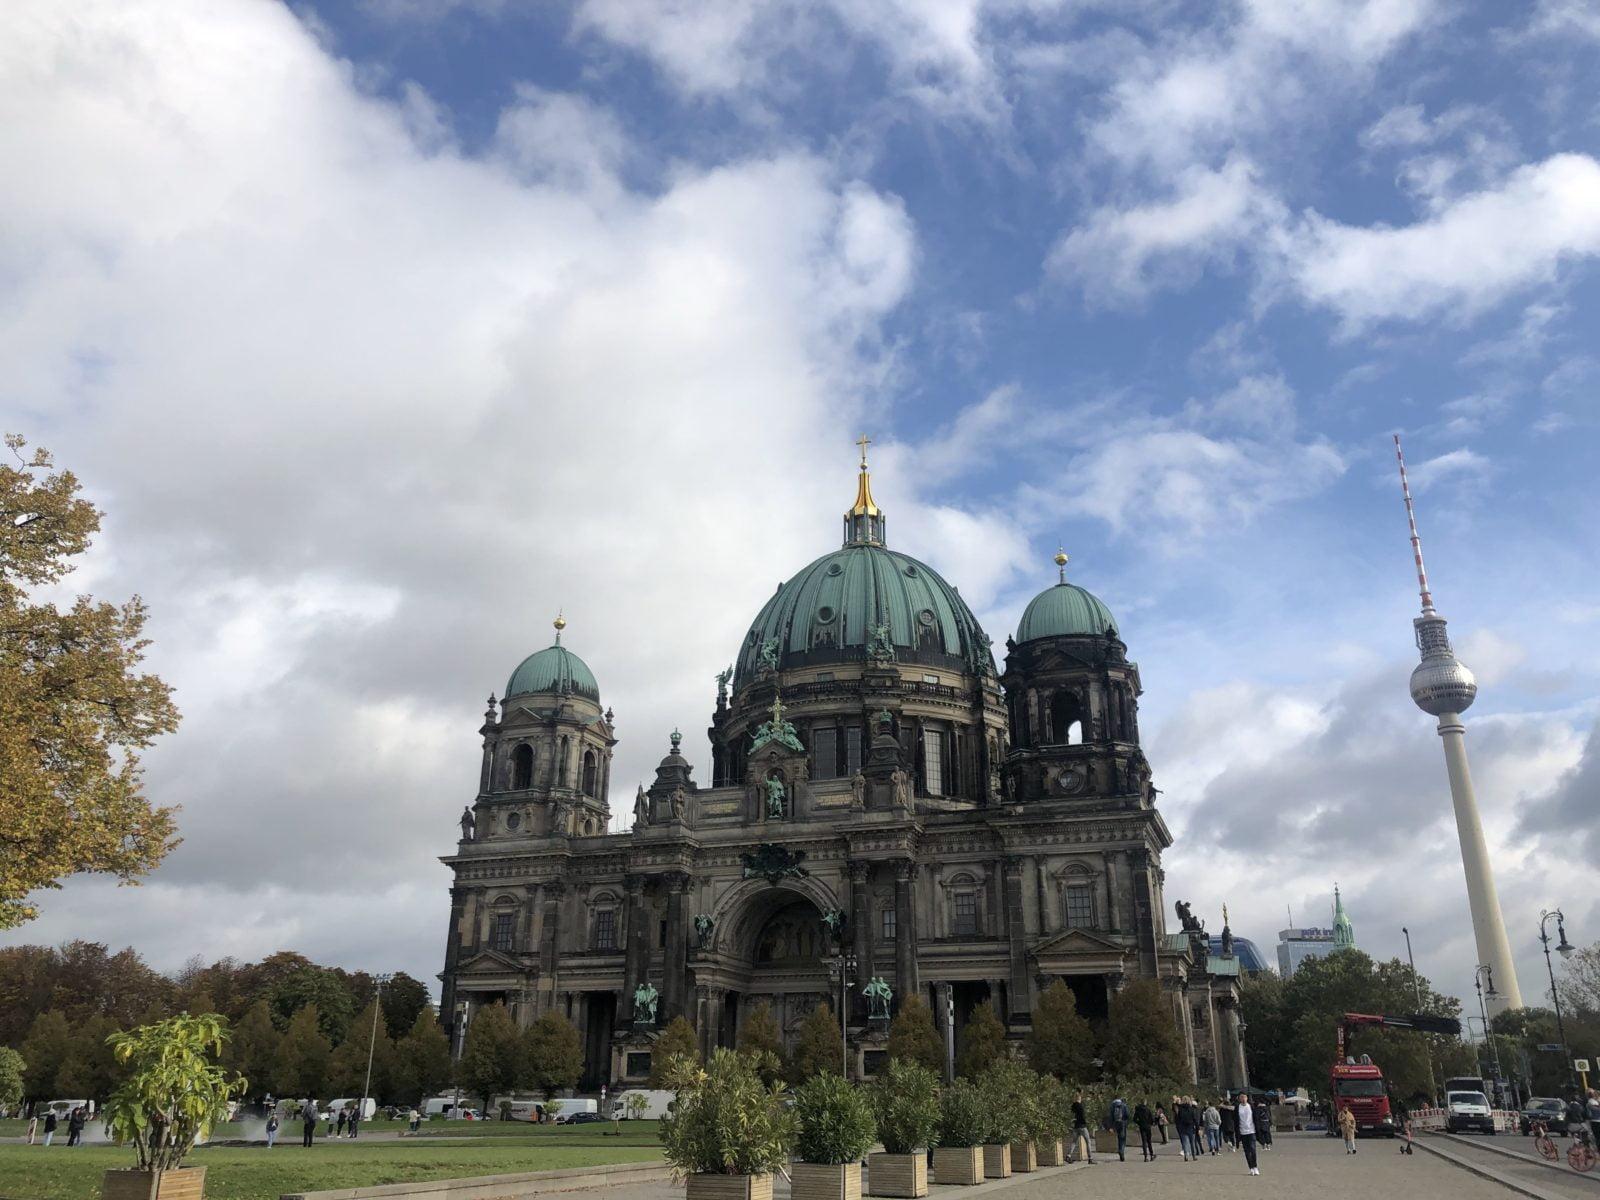 Liste & Plan Yapmayı Seven Fahri Almanlar İçin Geliyor: Berlin'de Yapılacaklar Listesi